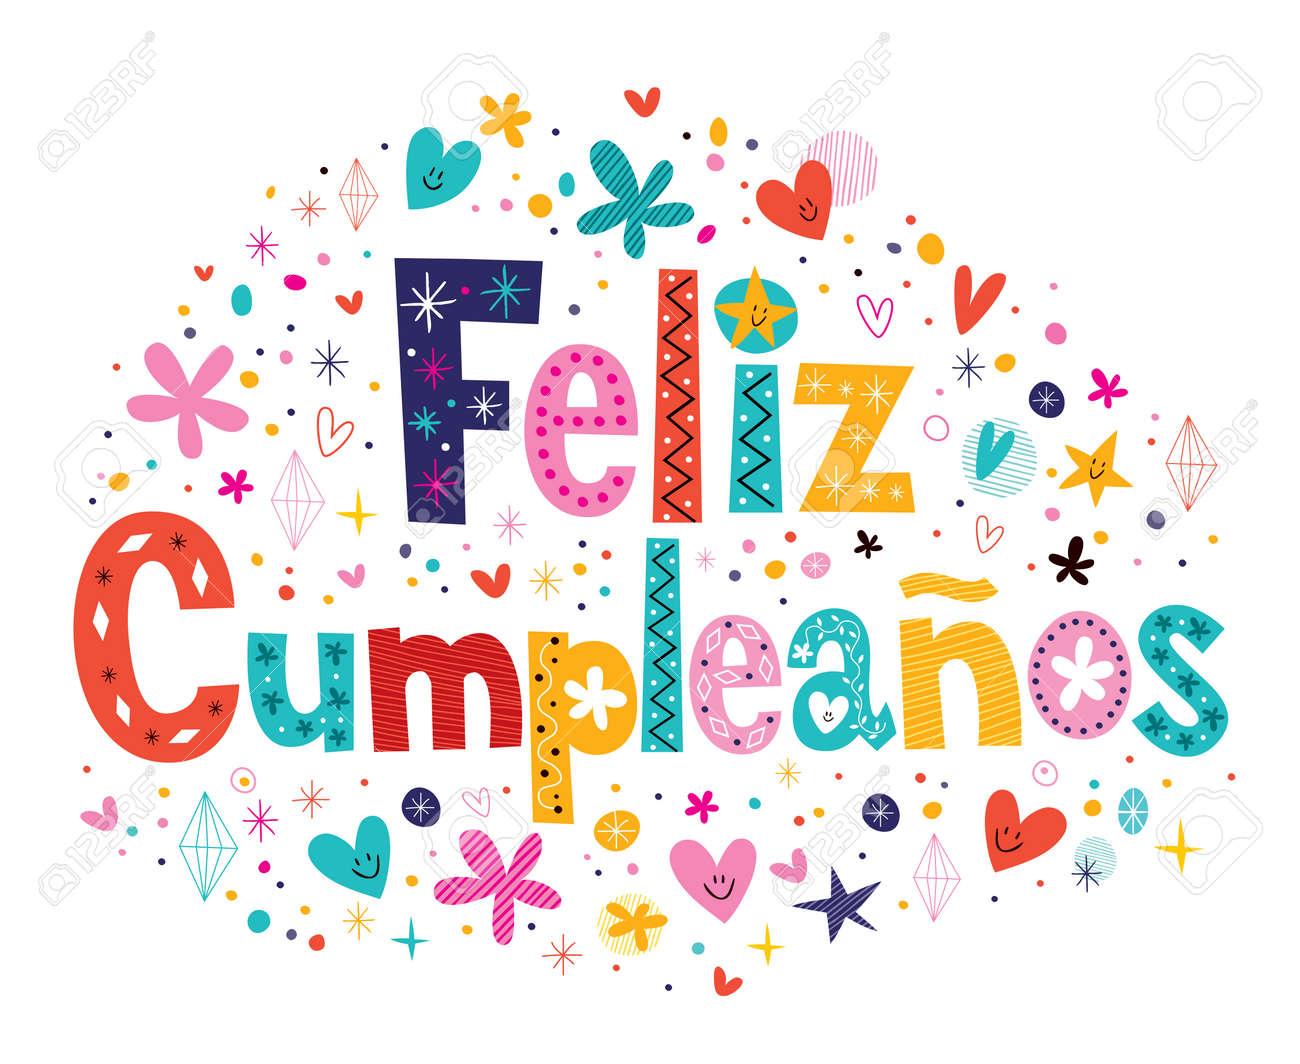 Feliz Cumpleanos Joyeux Anniversaire Dans Le Texte Espagnol Clip